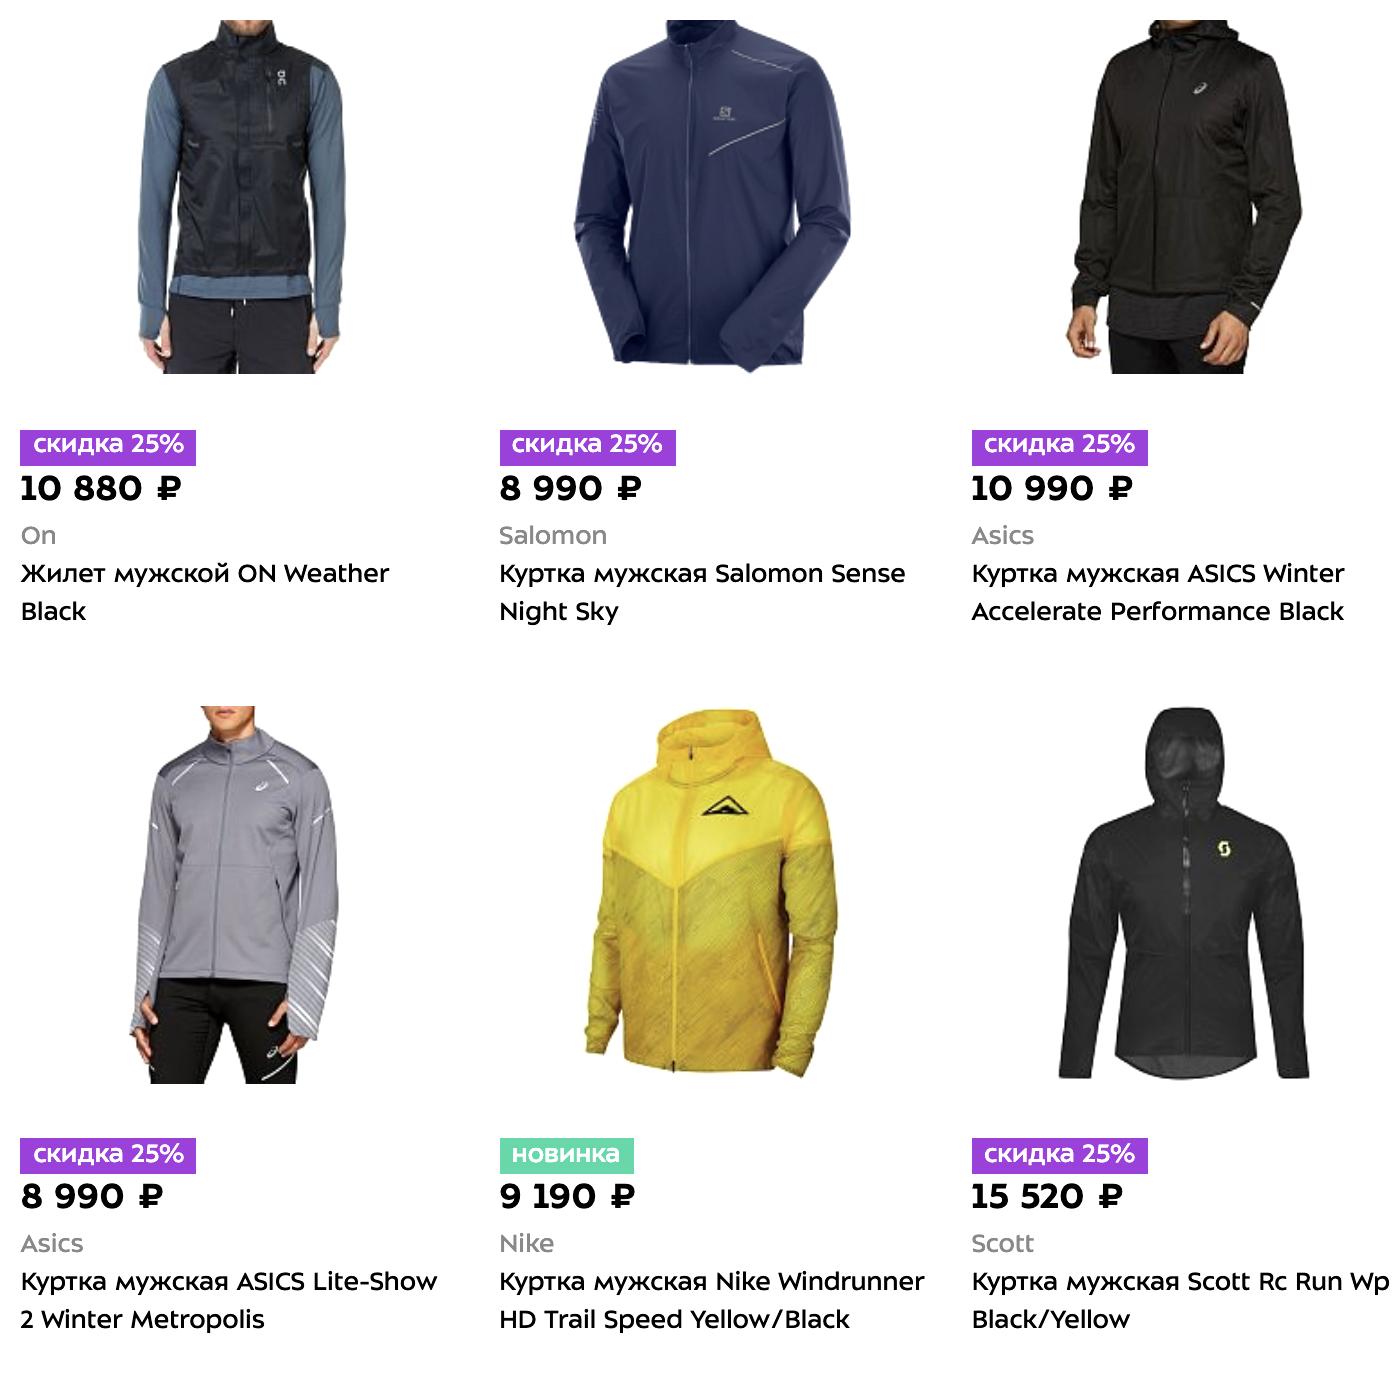 Цены на водонепроницаемые беговые куртки в магазине «Спорт-марафон». Они точно защитят от ветра и дождя. Но и стоят дорого